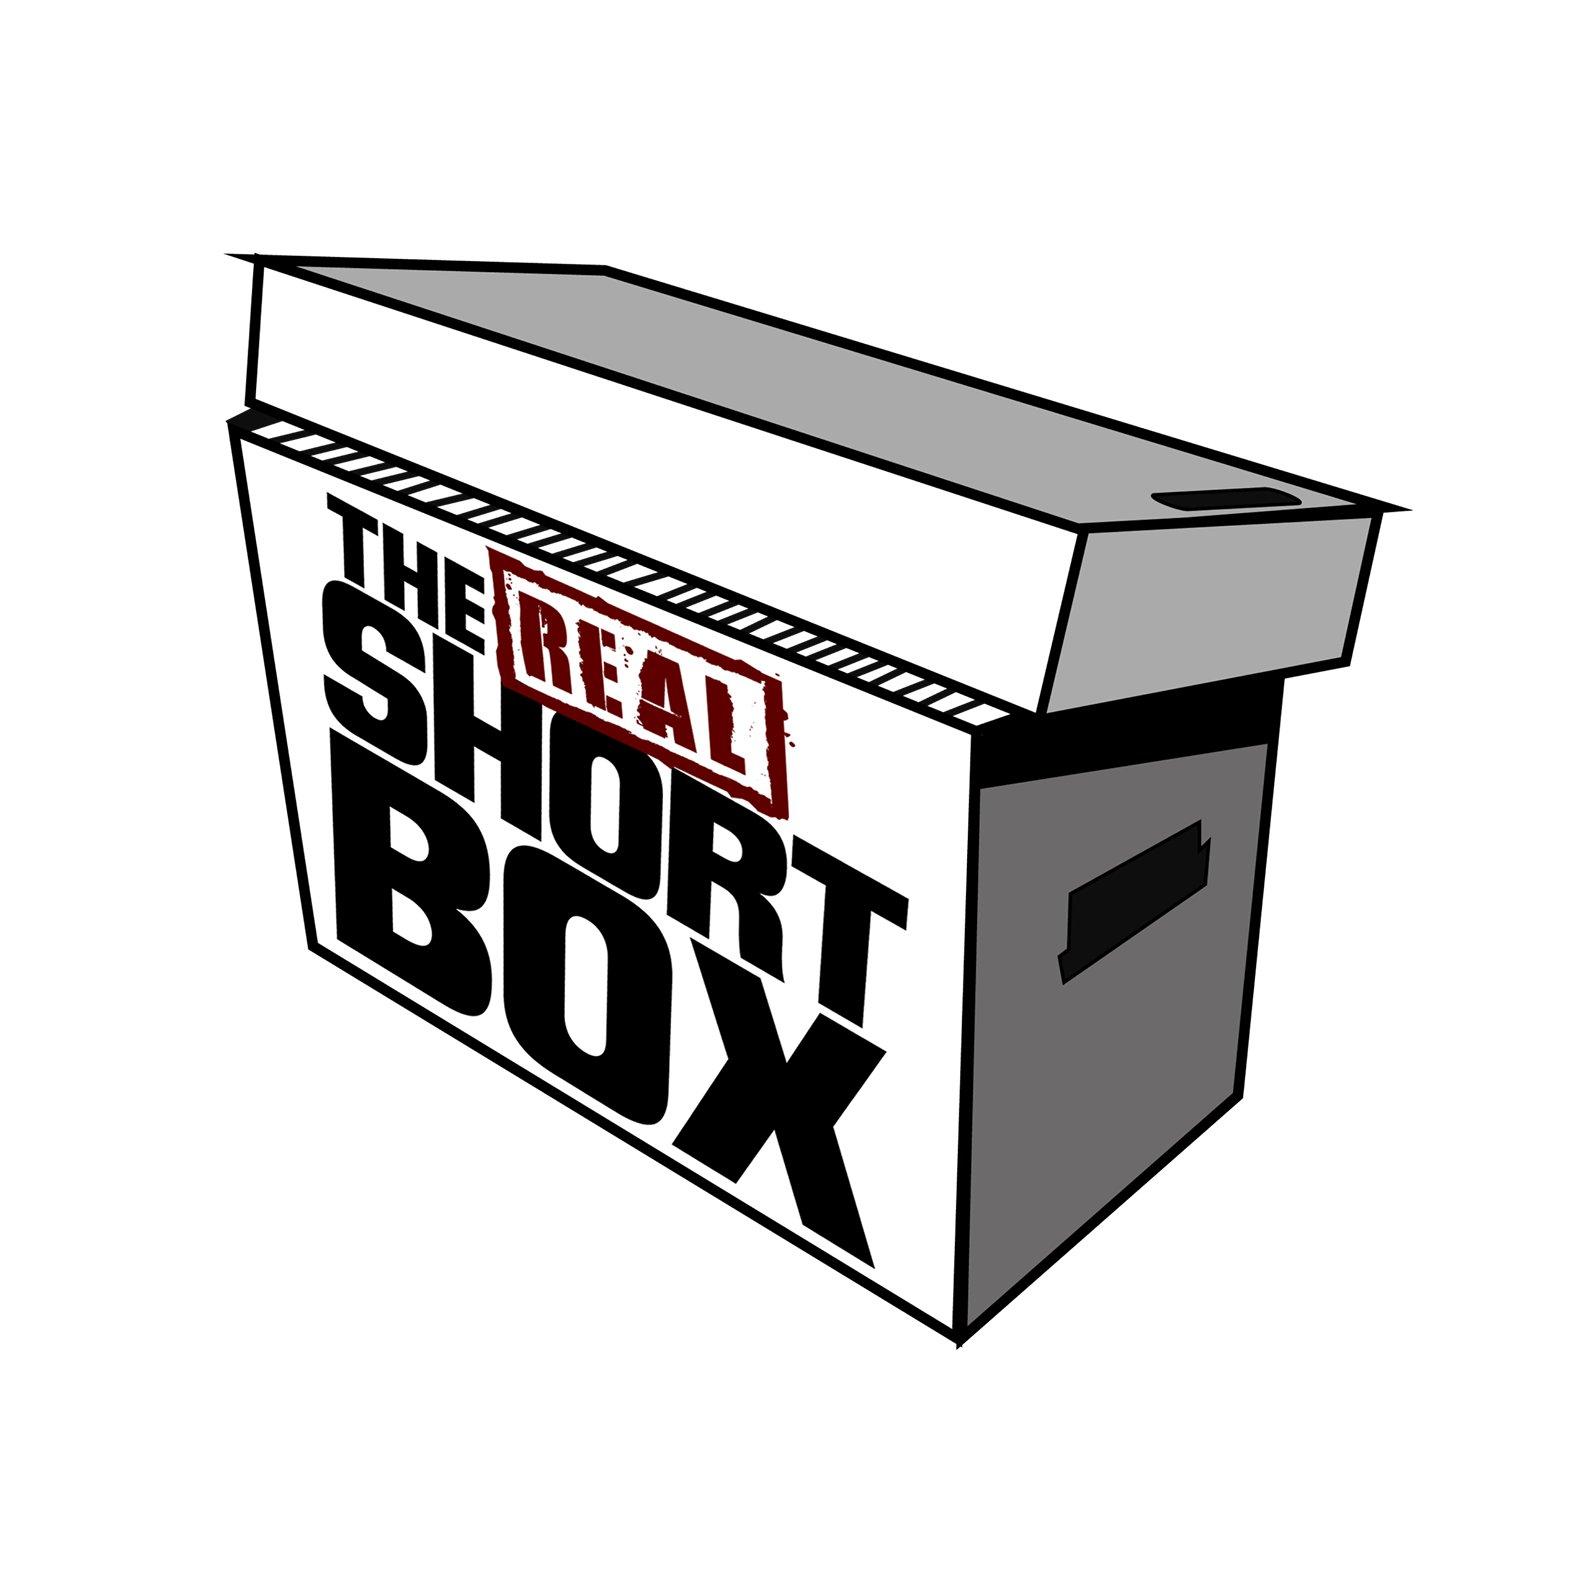 The REAL Short Box!